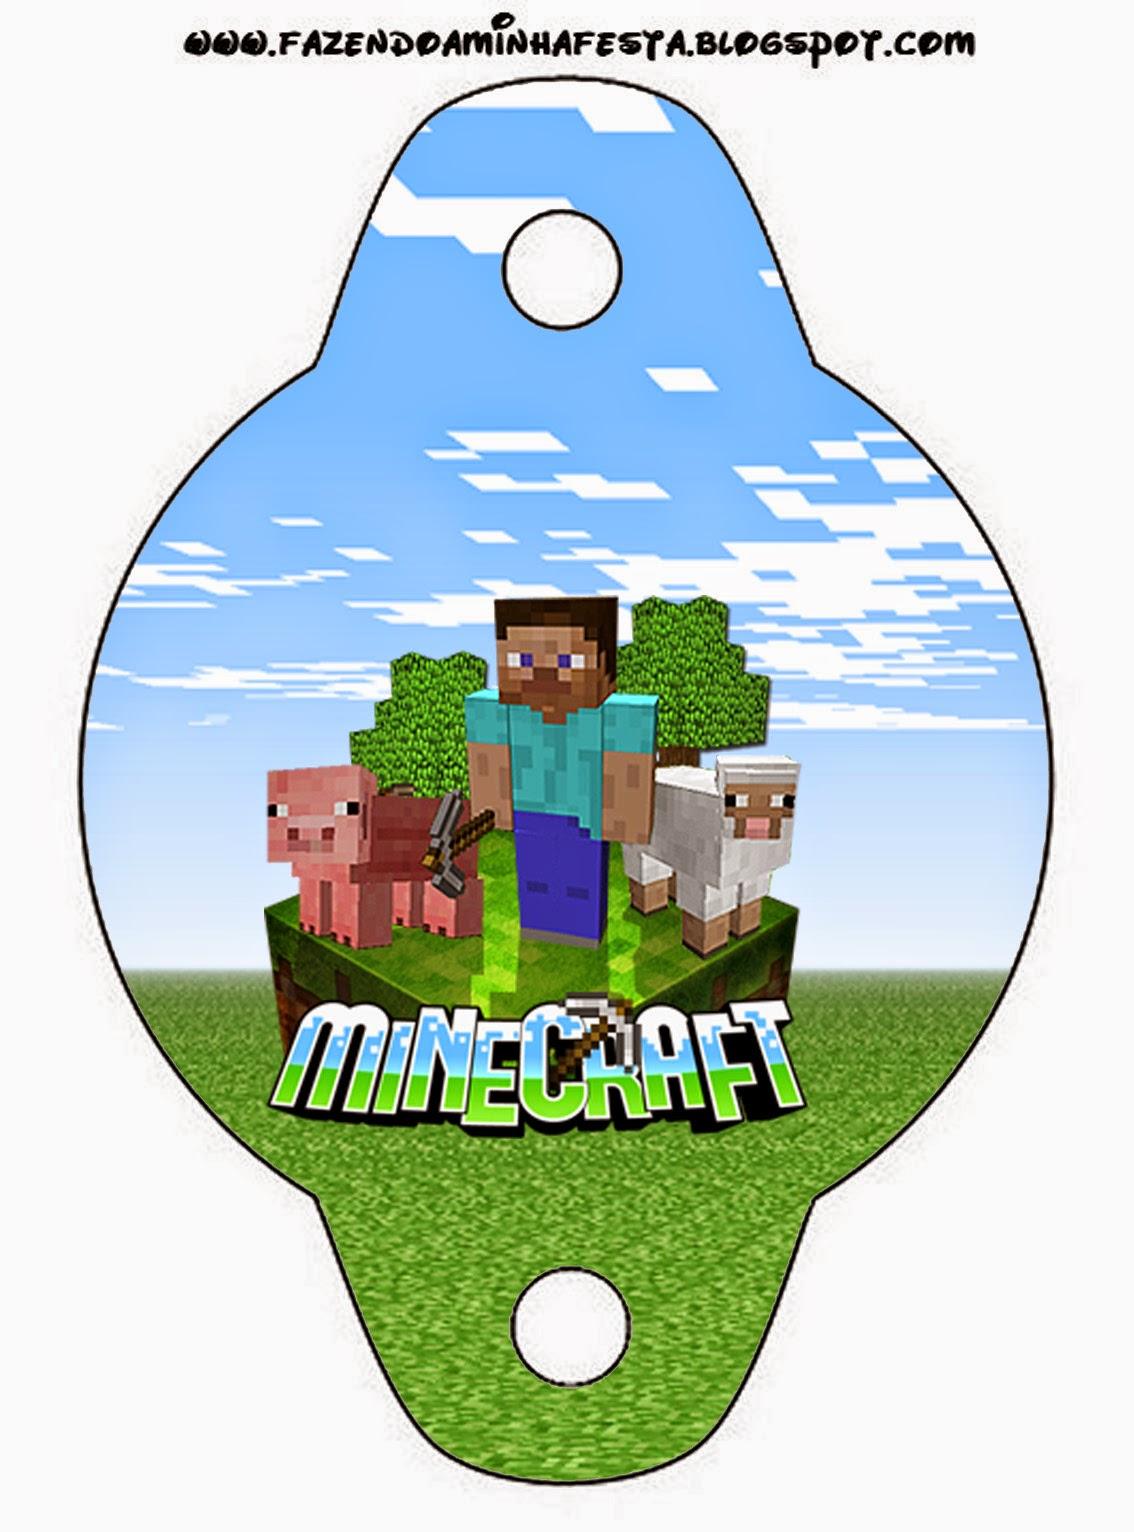 Minecraft Imprimibles Imgenes y Fondos Gratis para